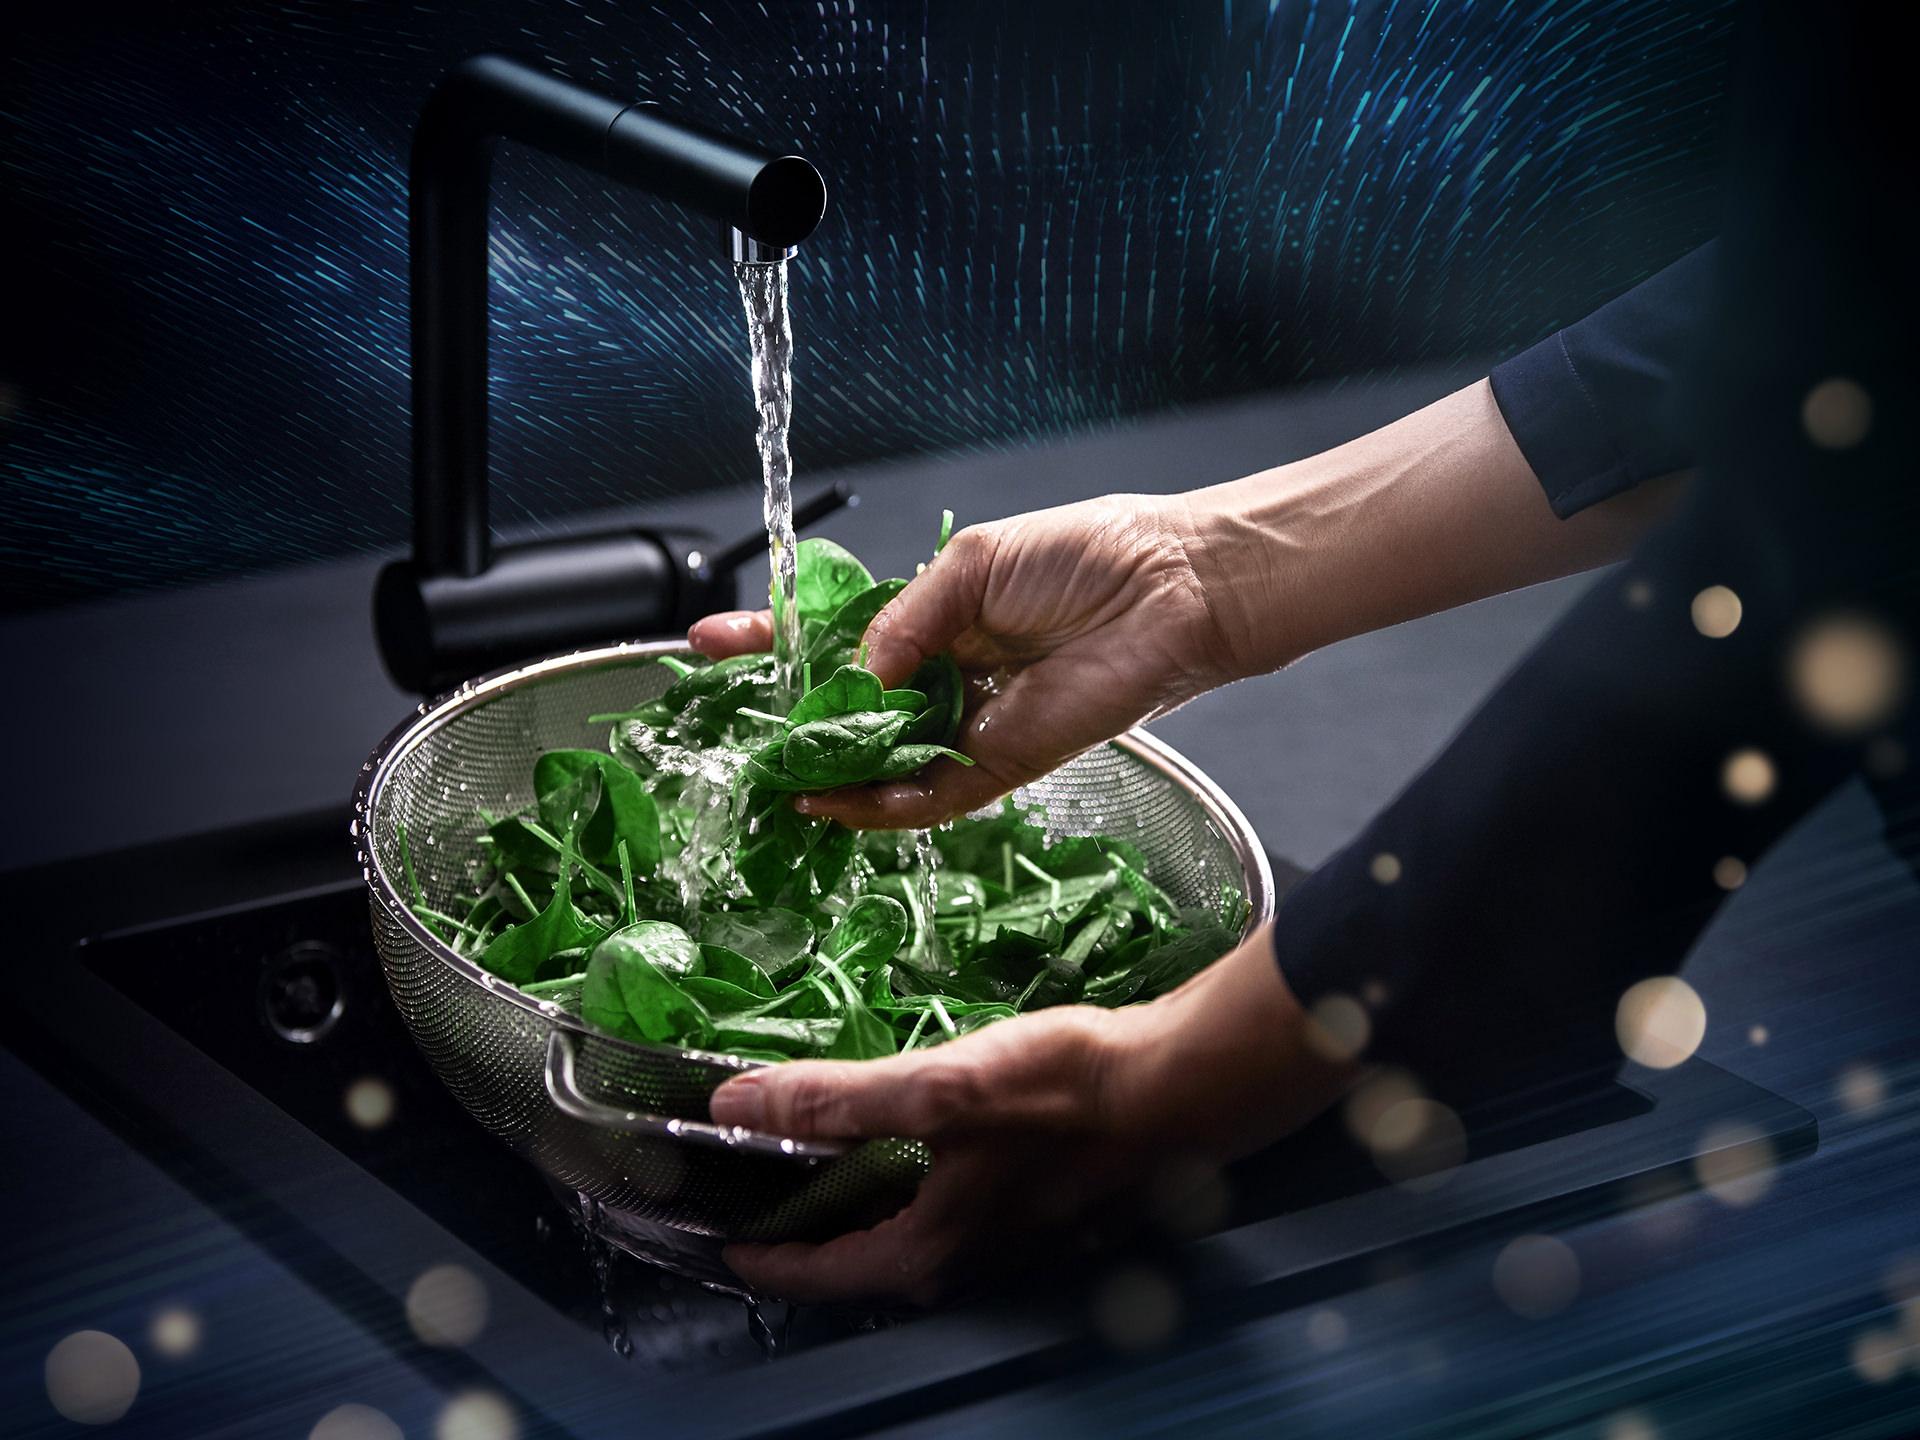 spuelbecken-kueche-salat-waschen-cgi